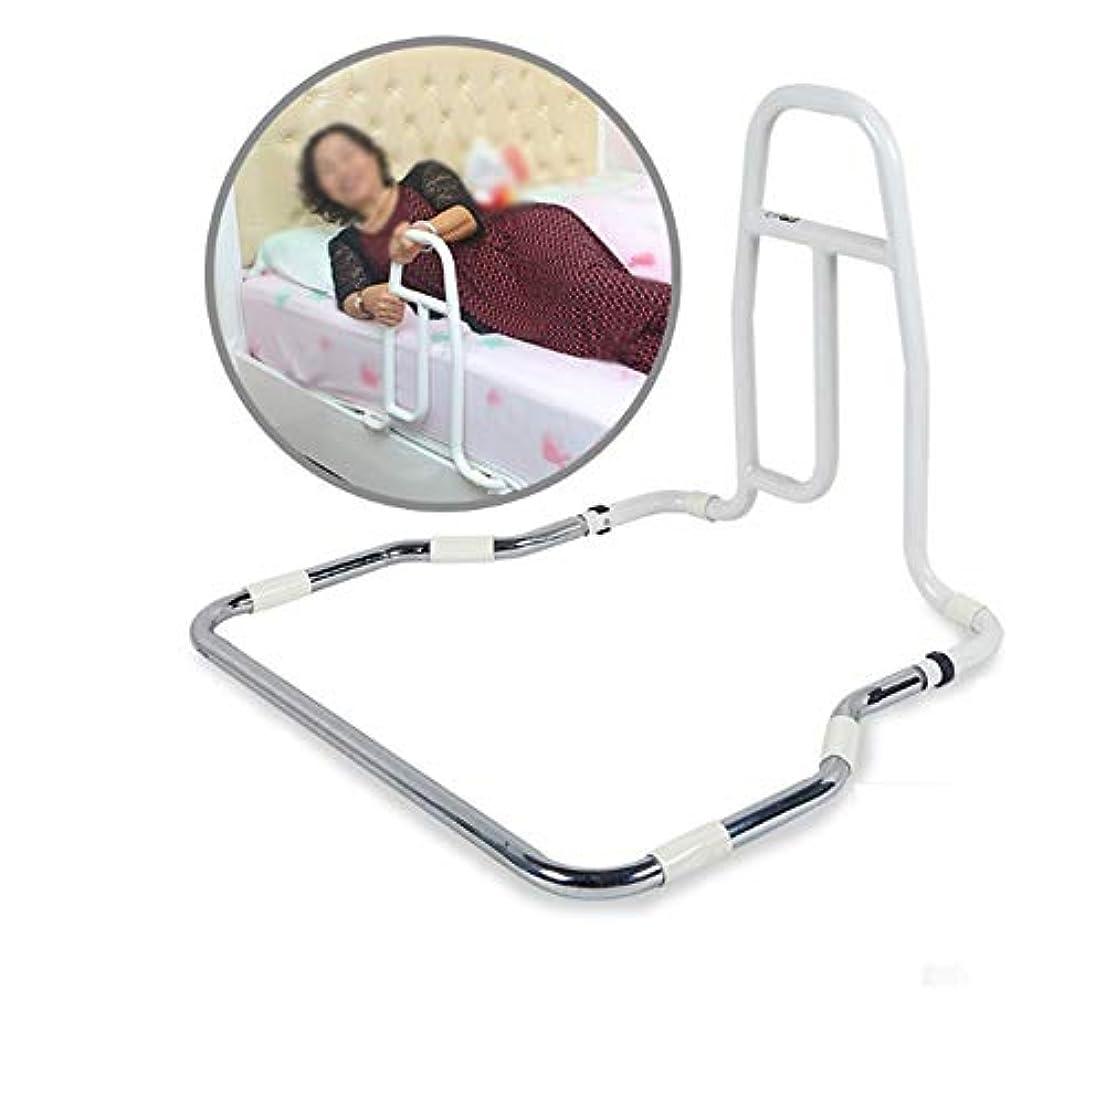 複製ホステスパッチベッドグラブレール、安全な高さ調節可能なレール、ベッドの出入りを支援、安定補助具、高齢者用、身体障害者、障害者、ディバンベッドグラブハンドル